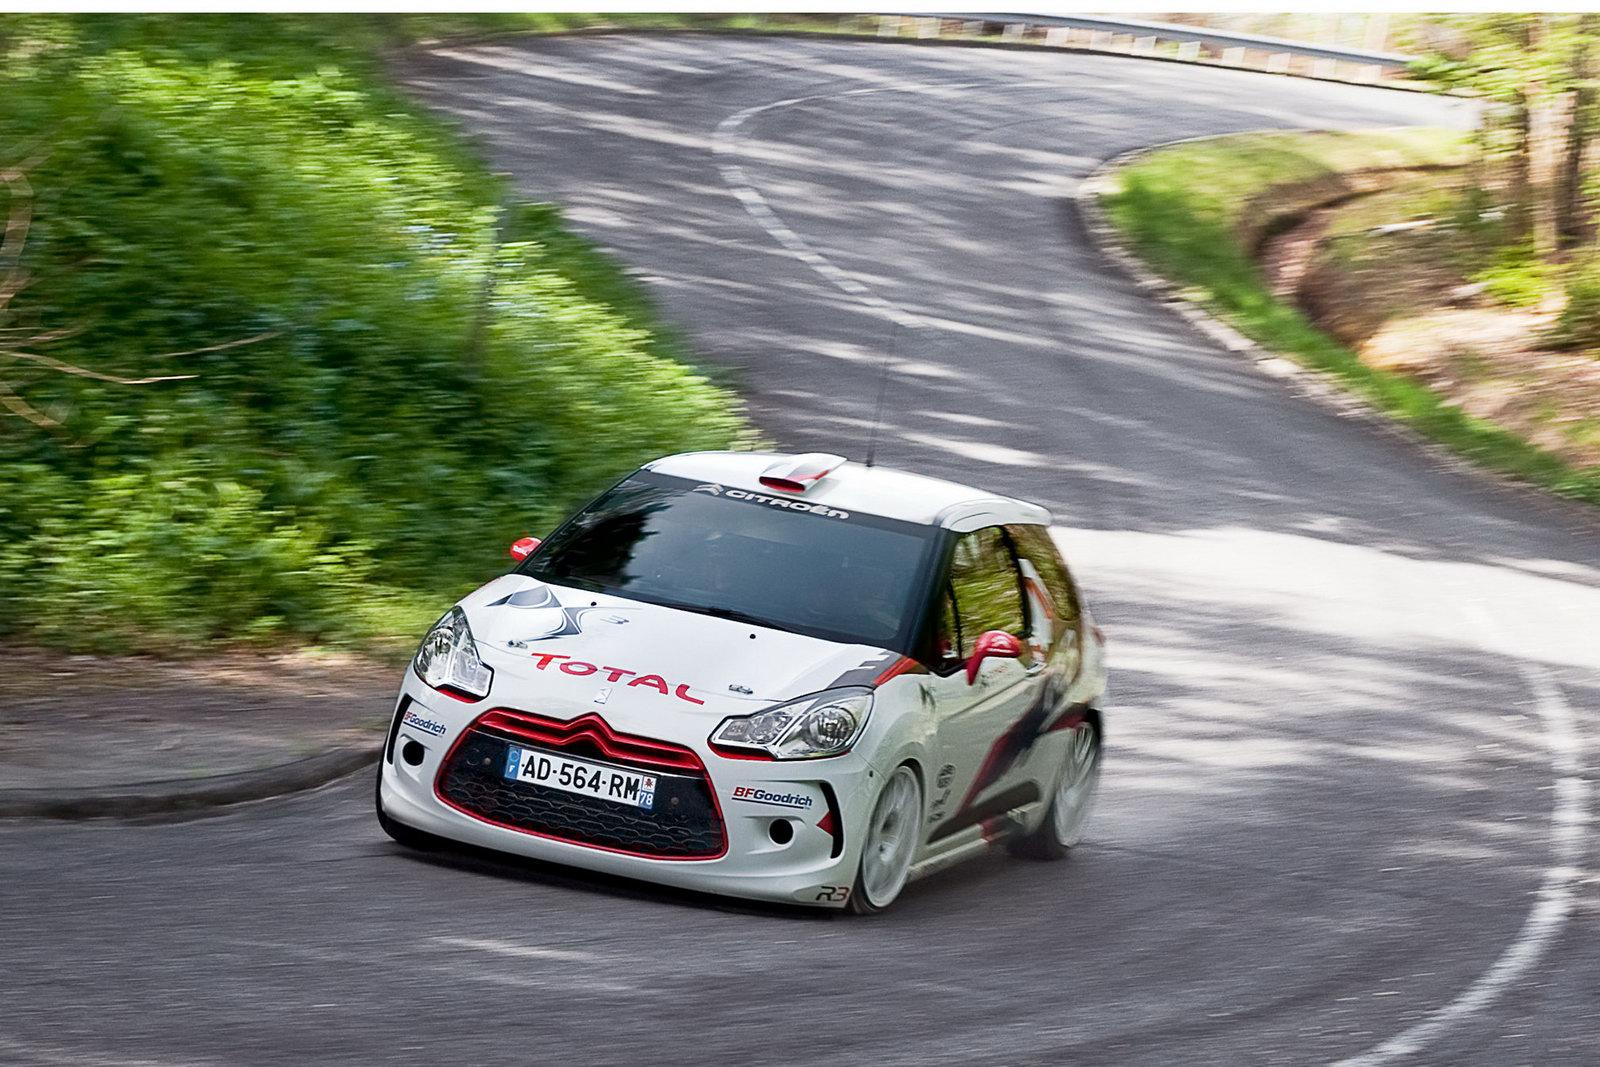 Clutchd-com-citroen-ds3-rally-car-5-1-